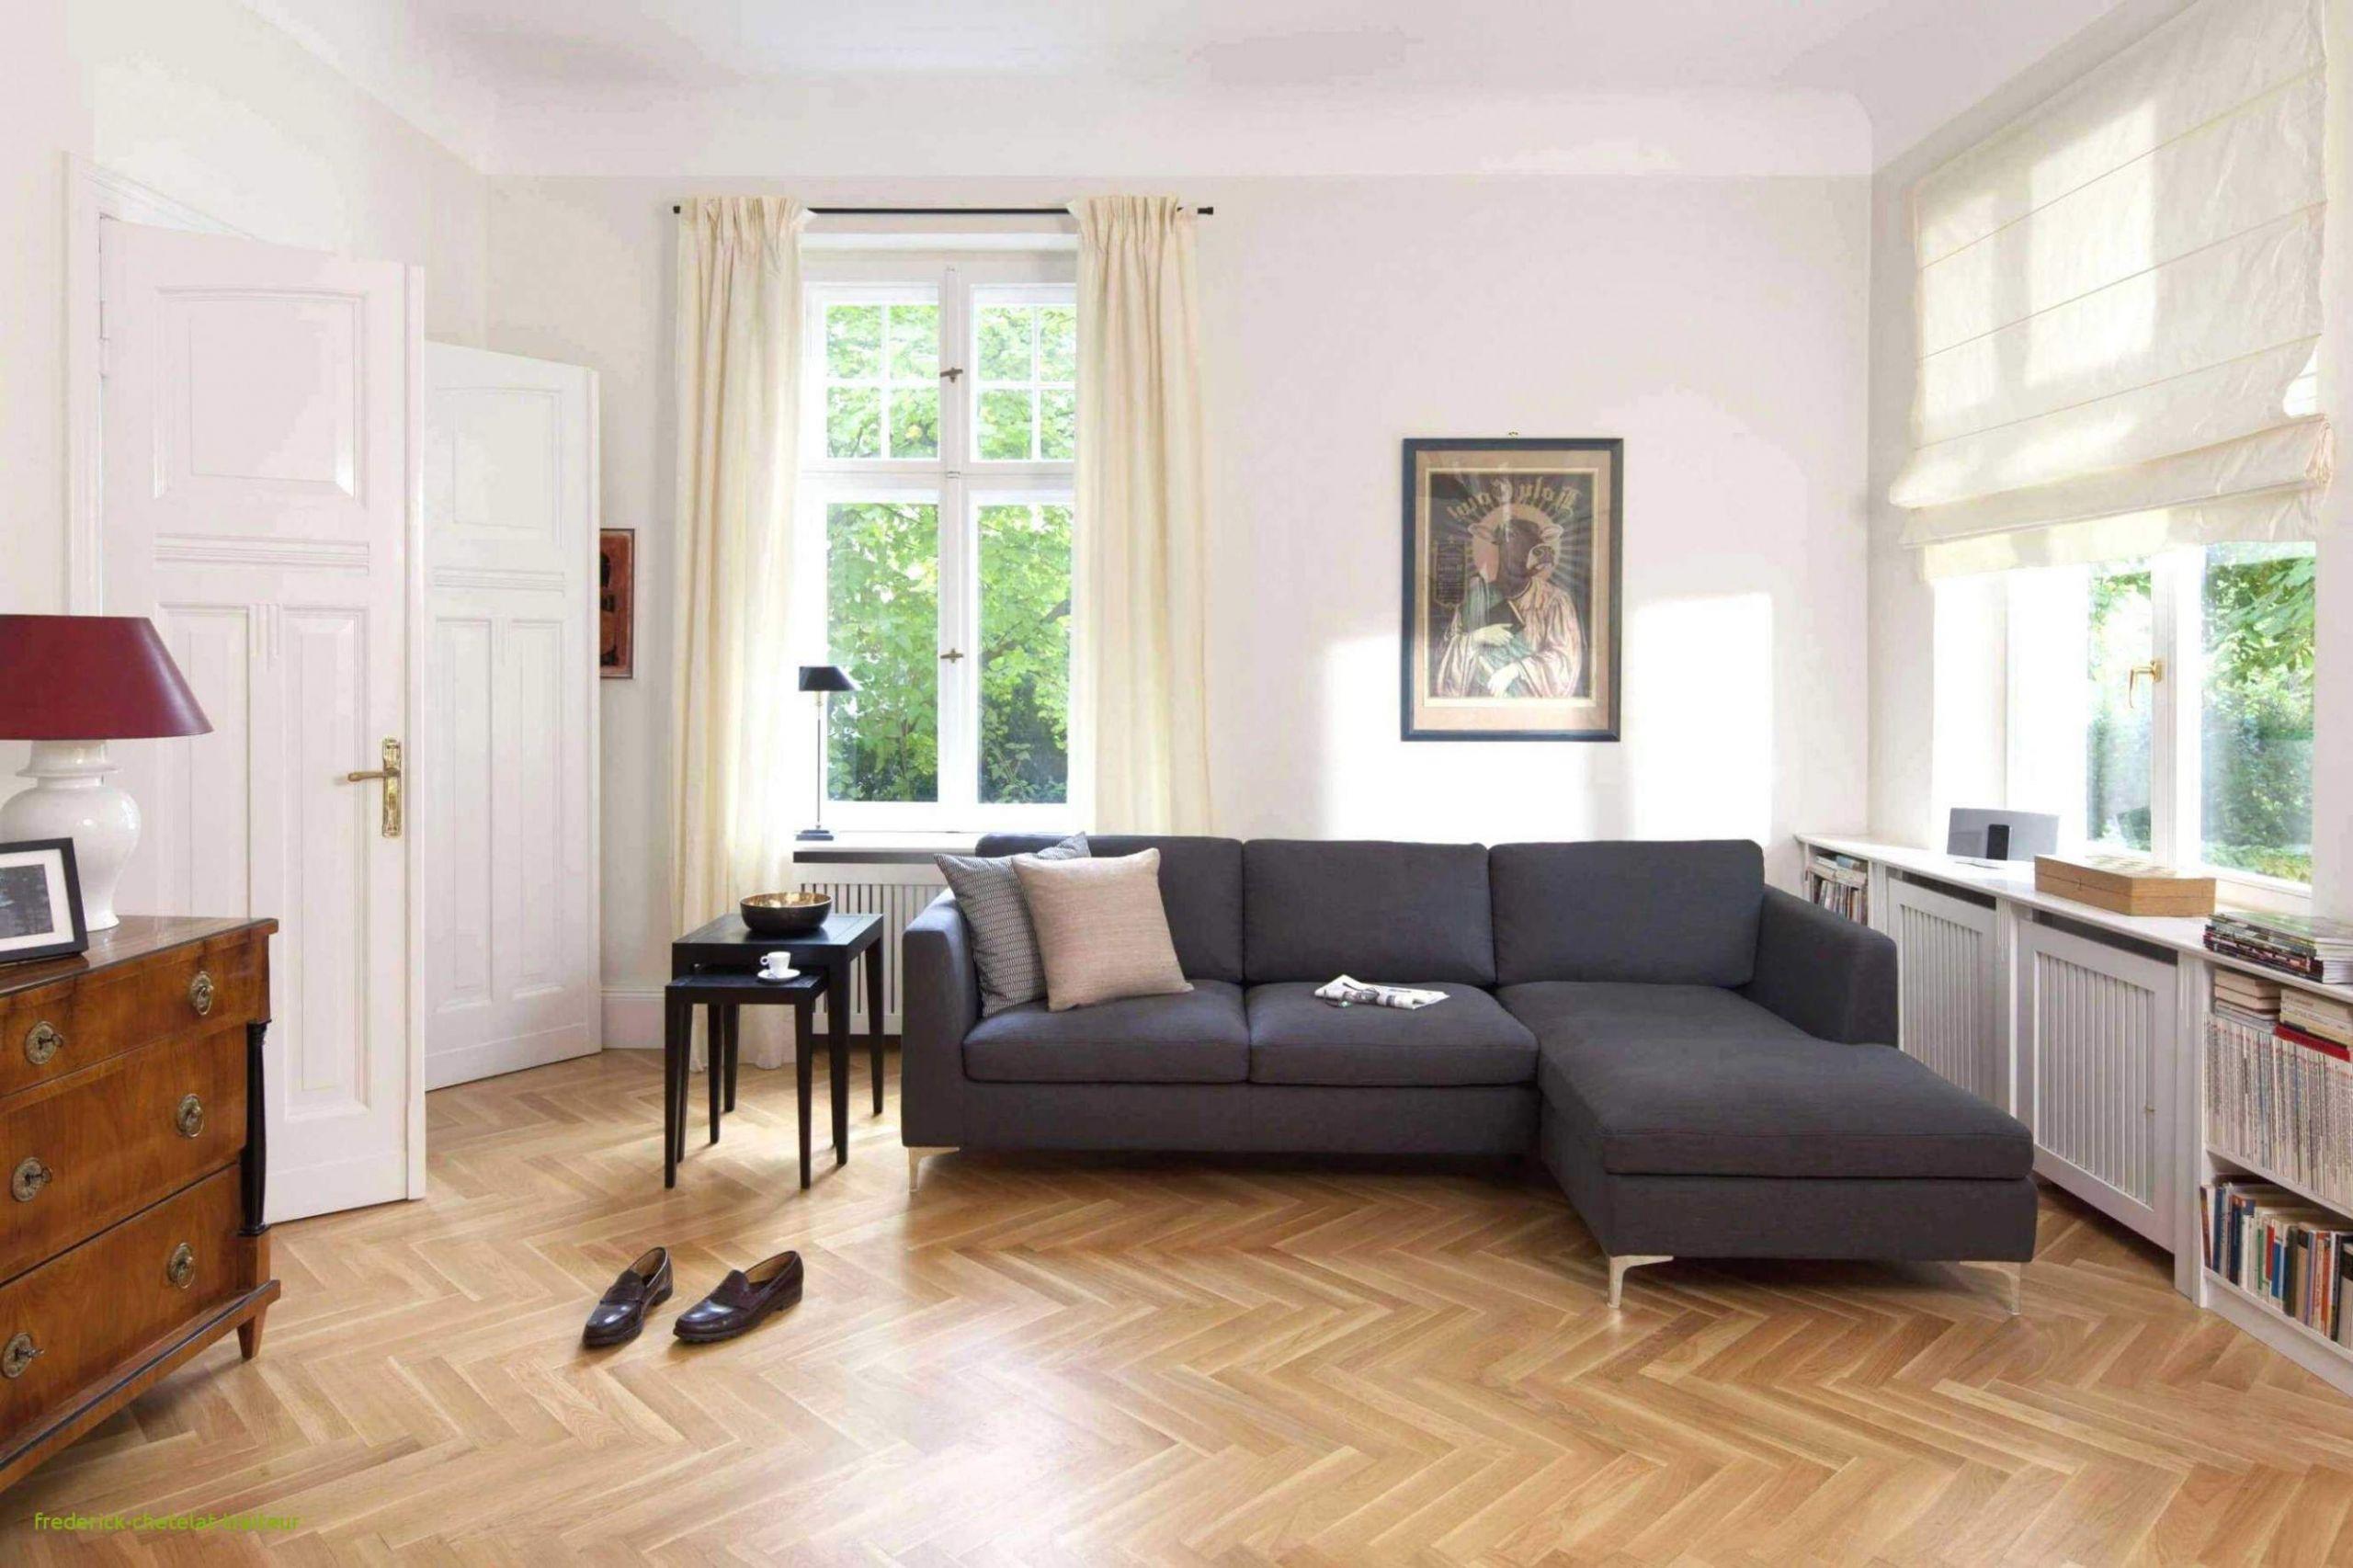 frisch 30 von moderne bilder fur wohnzimmer hauptideen pflanzen fur wohnzimmer pflanzen fur wohnzimmer 1